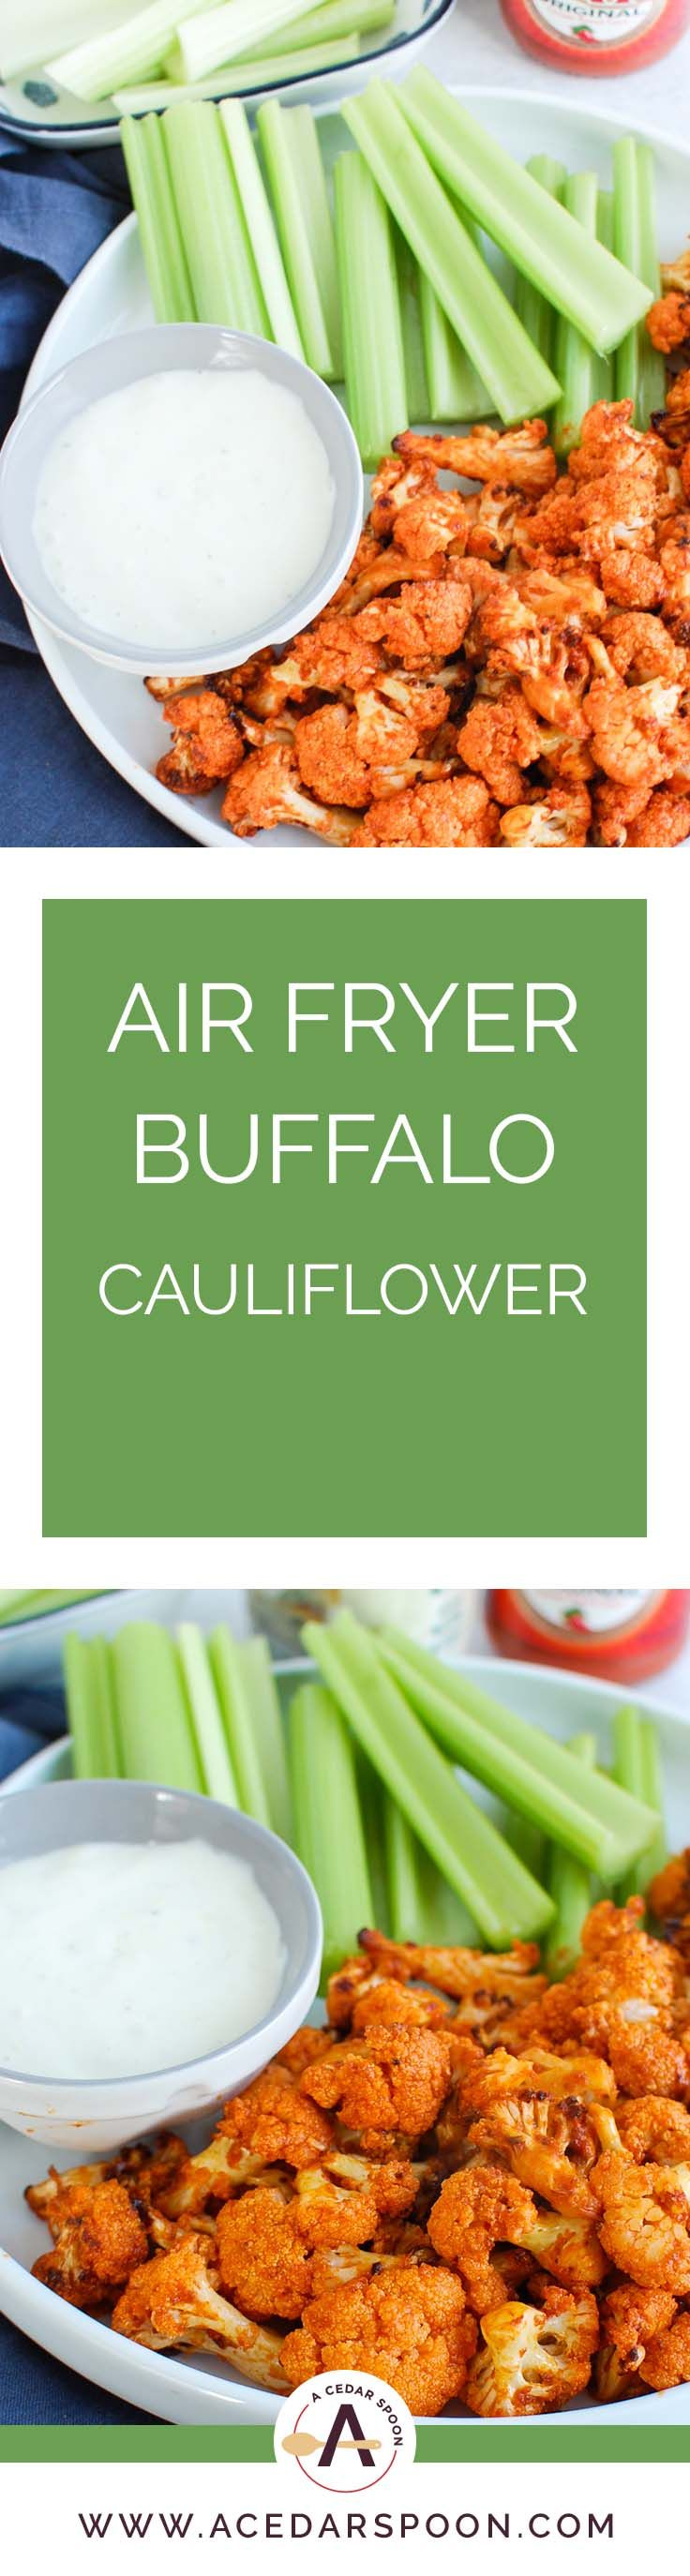 Air Fryer Buffalo Cauliflower is a healthy twist on your